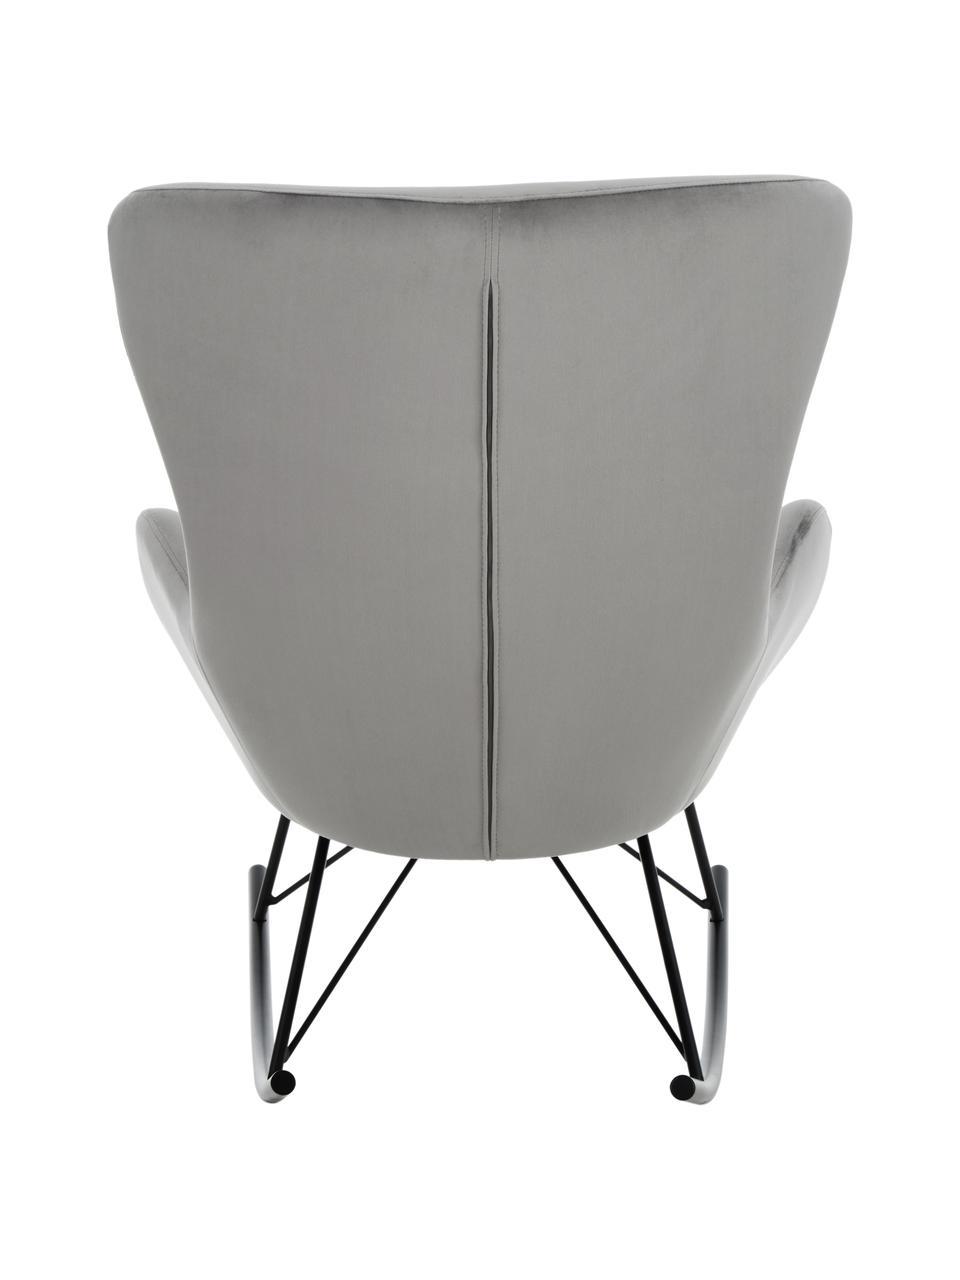 Fluwelen schommelstoel Wing in grijs, Bekleding: fluweel (polyester), Poten: gepoedercoat metaal, Fluweel grijs, B 66 x D 102 cm